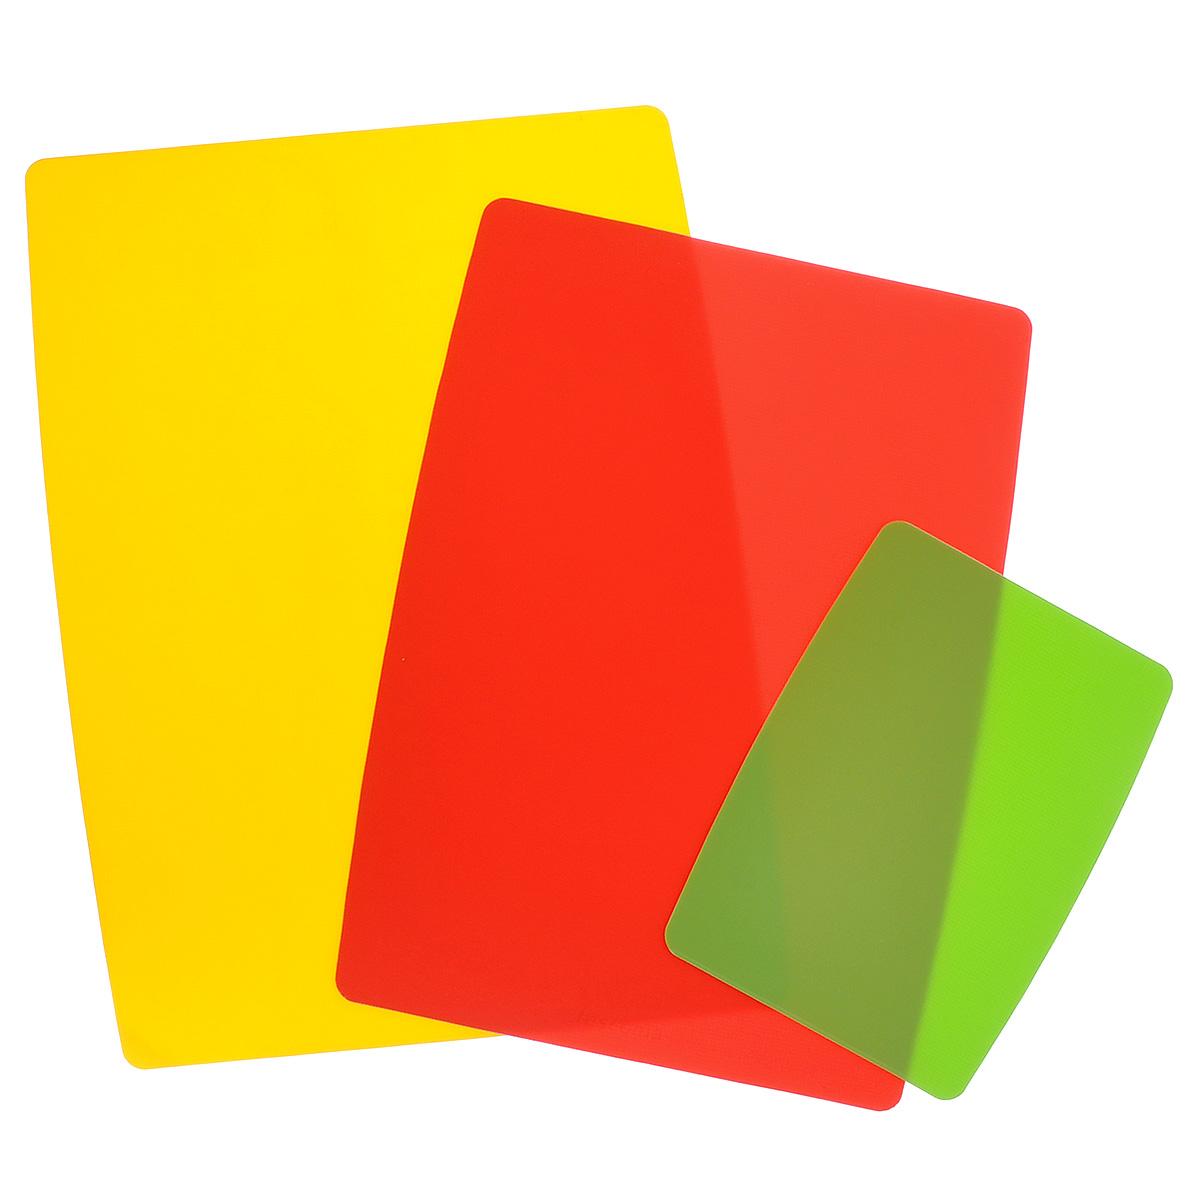 Доски разделочные Tescoma Presto, гибкие, цвет: желтый, красный, салатовый, 3 шт копилка филин 14см уп 1 36шт